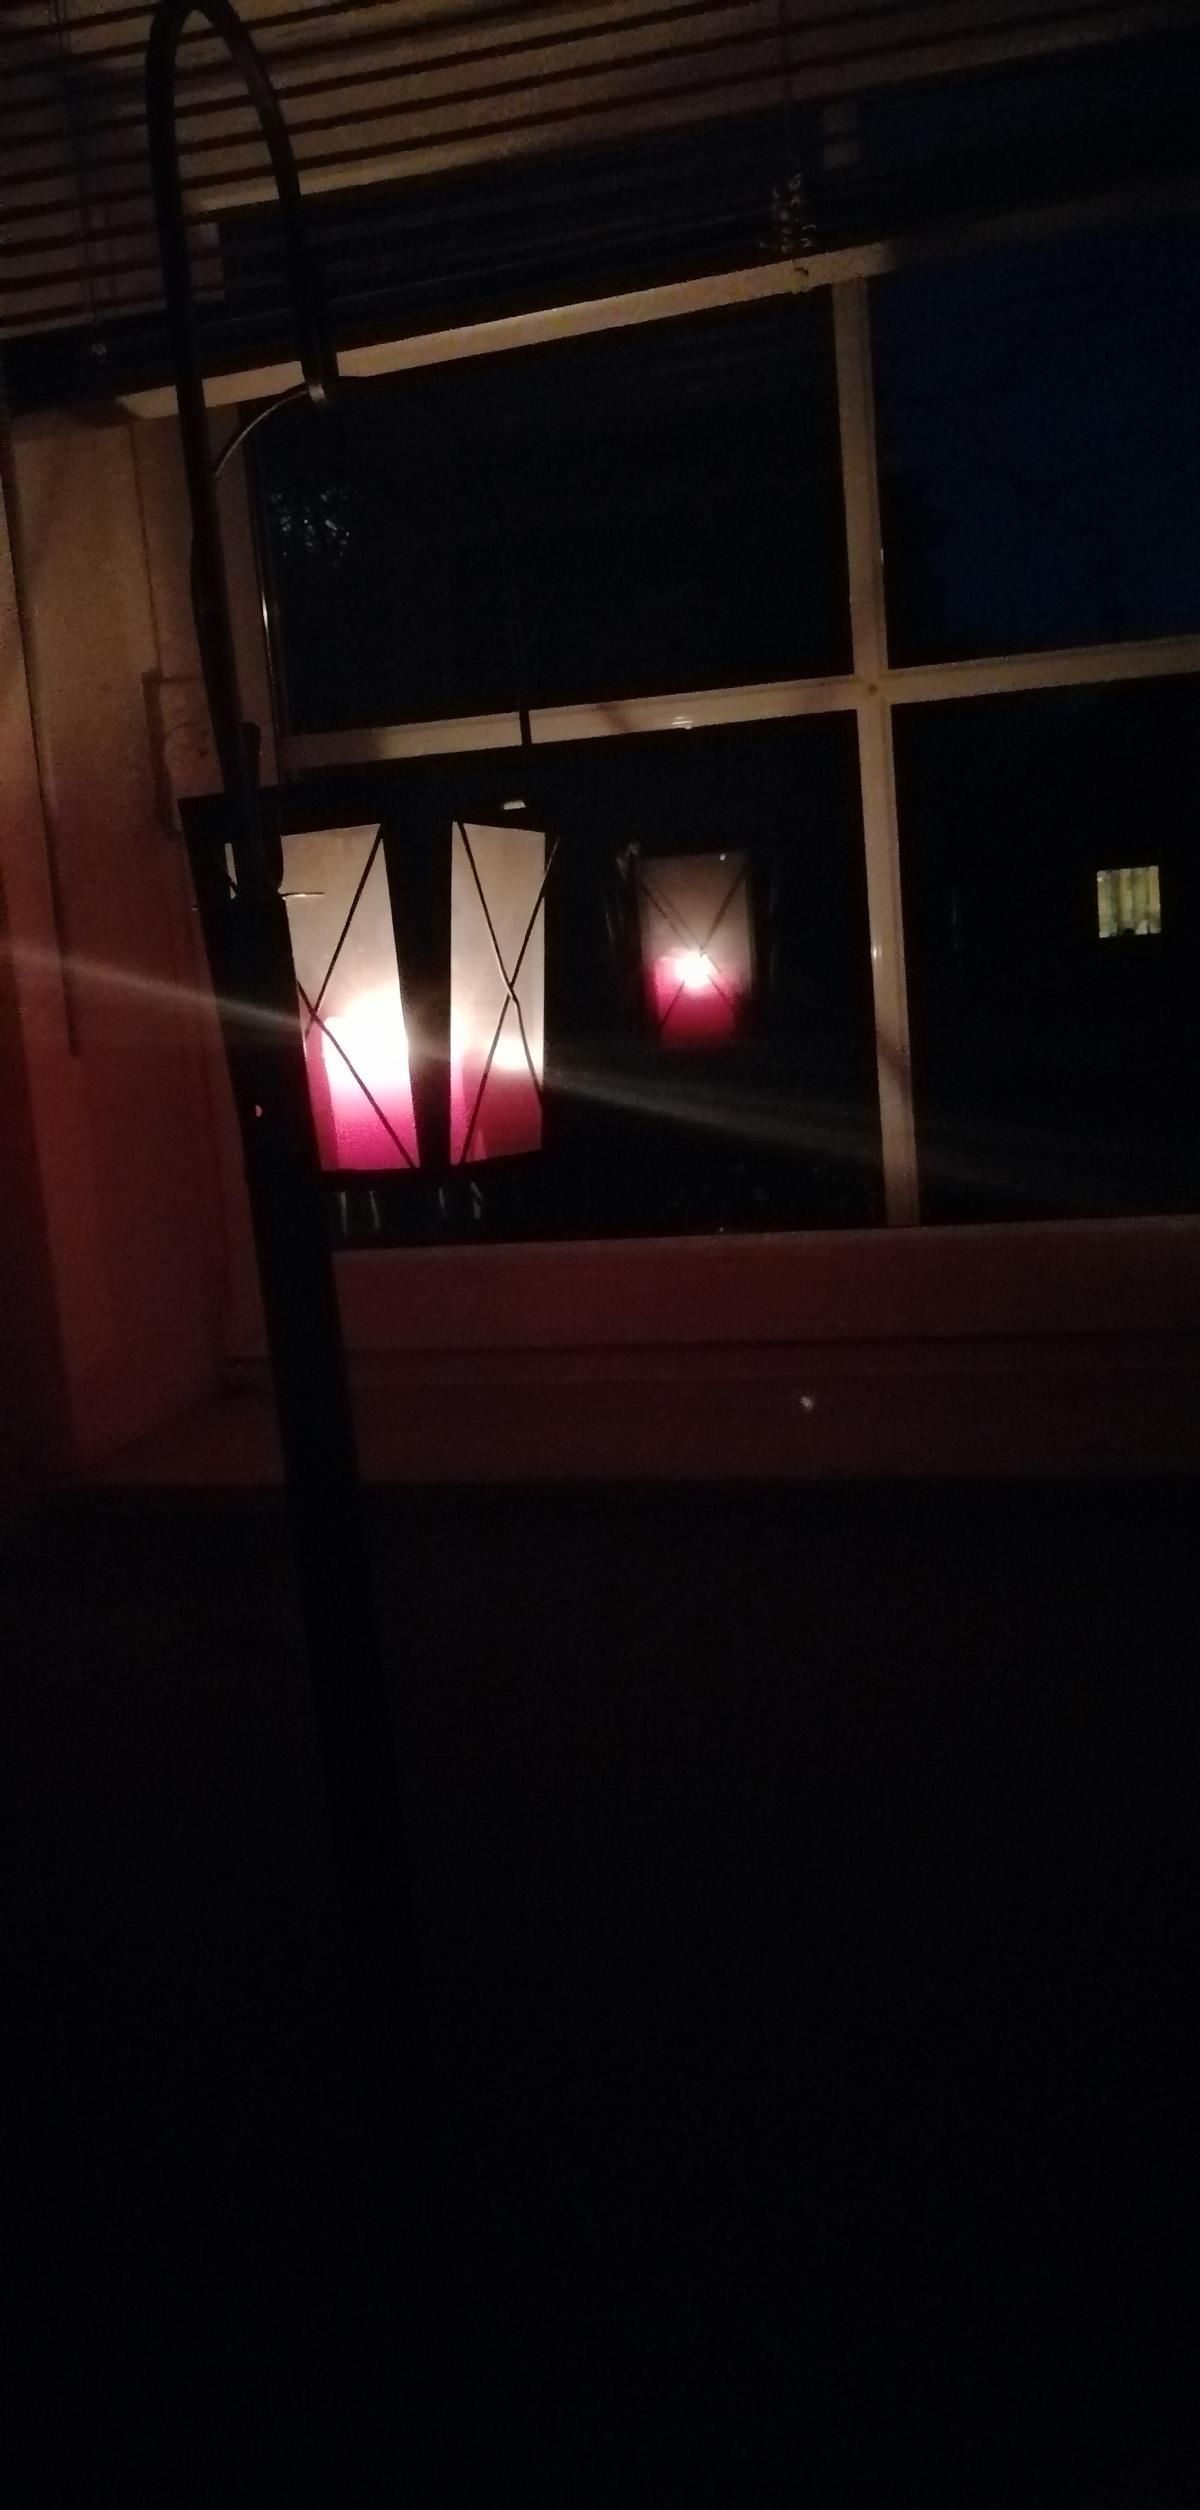 Laternen stehen in zwei Räumen des Hauses von Diacono am Fenster (eine oben, eine unten), gedenken der Corona-Toten und bitten um Beistand